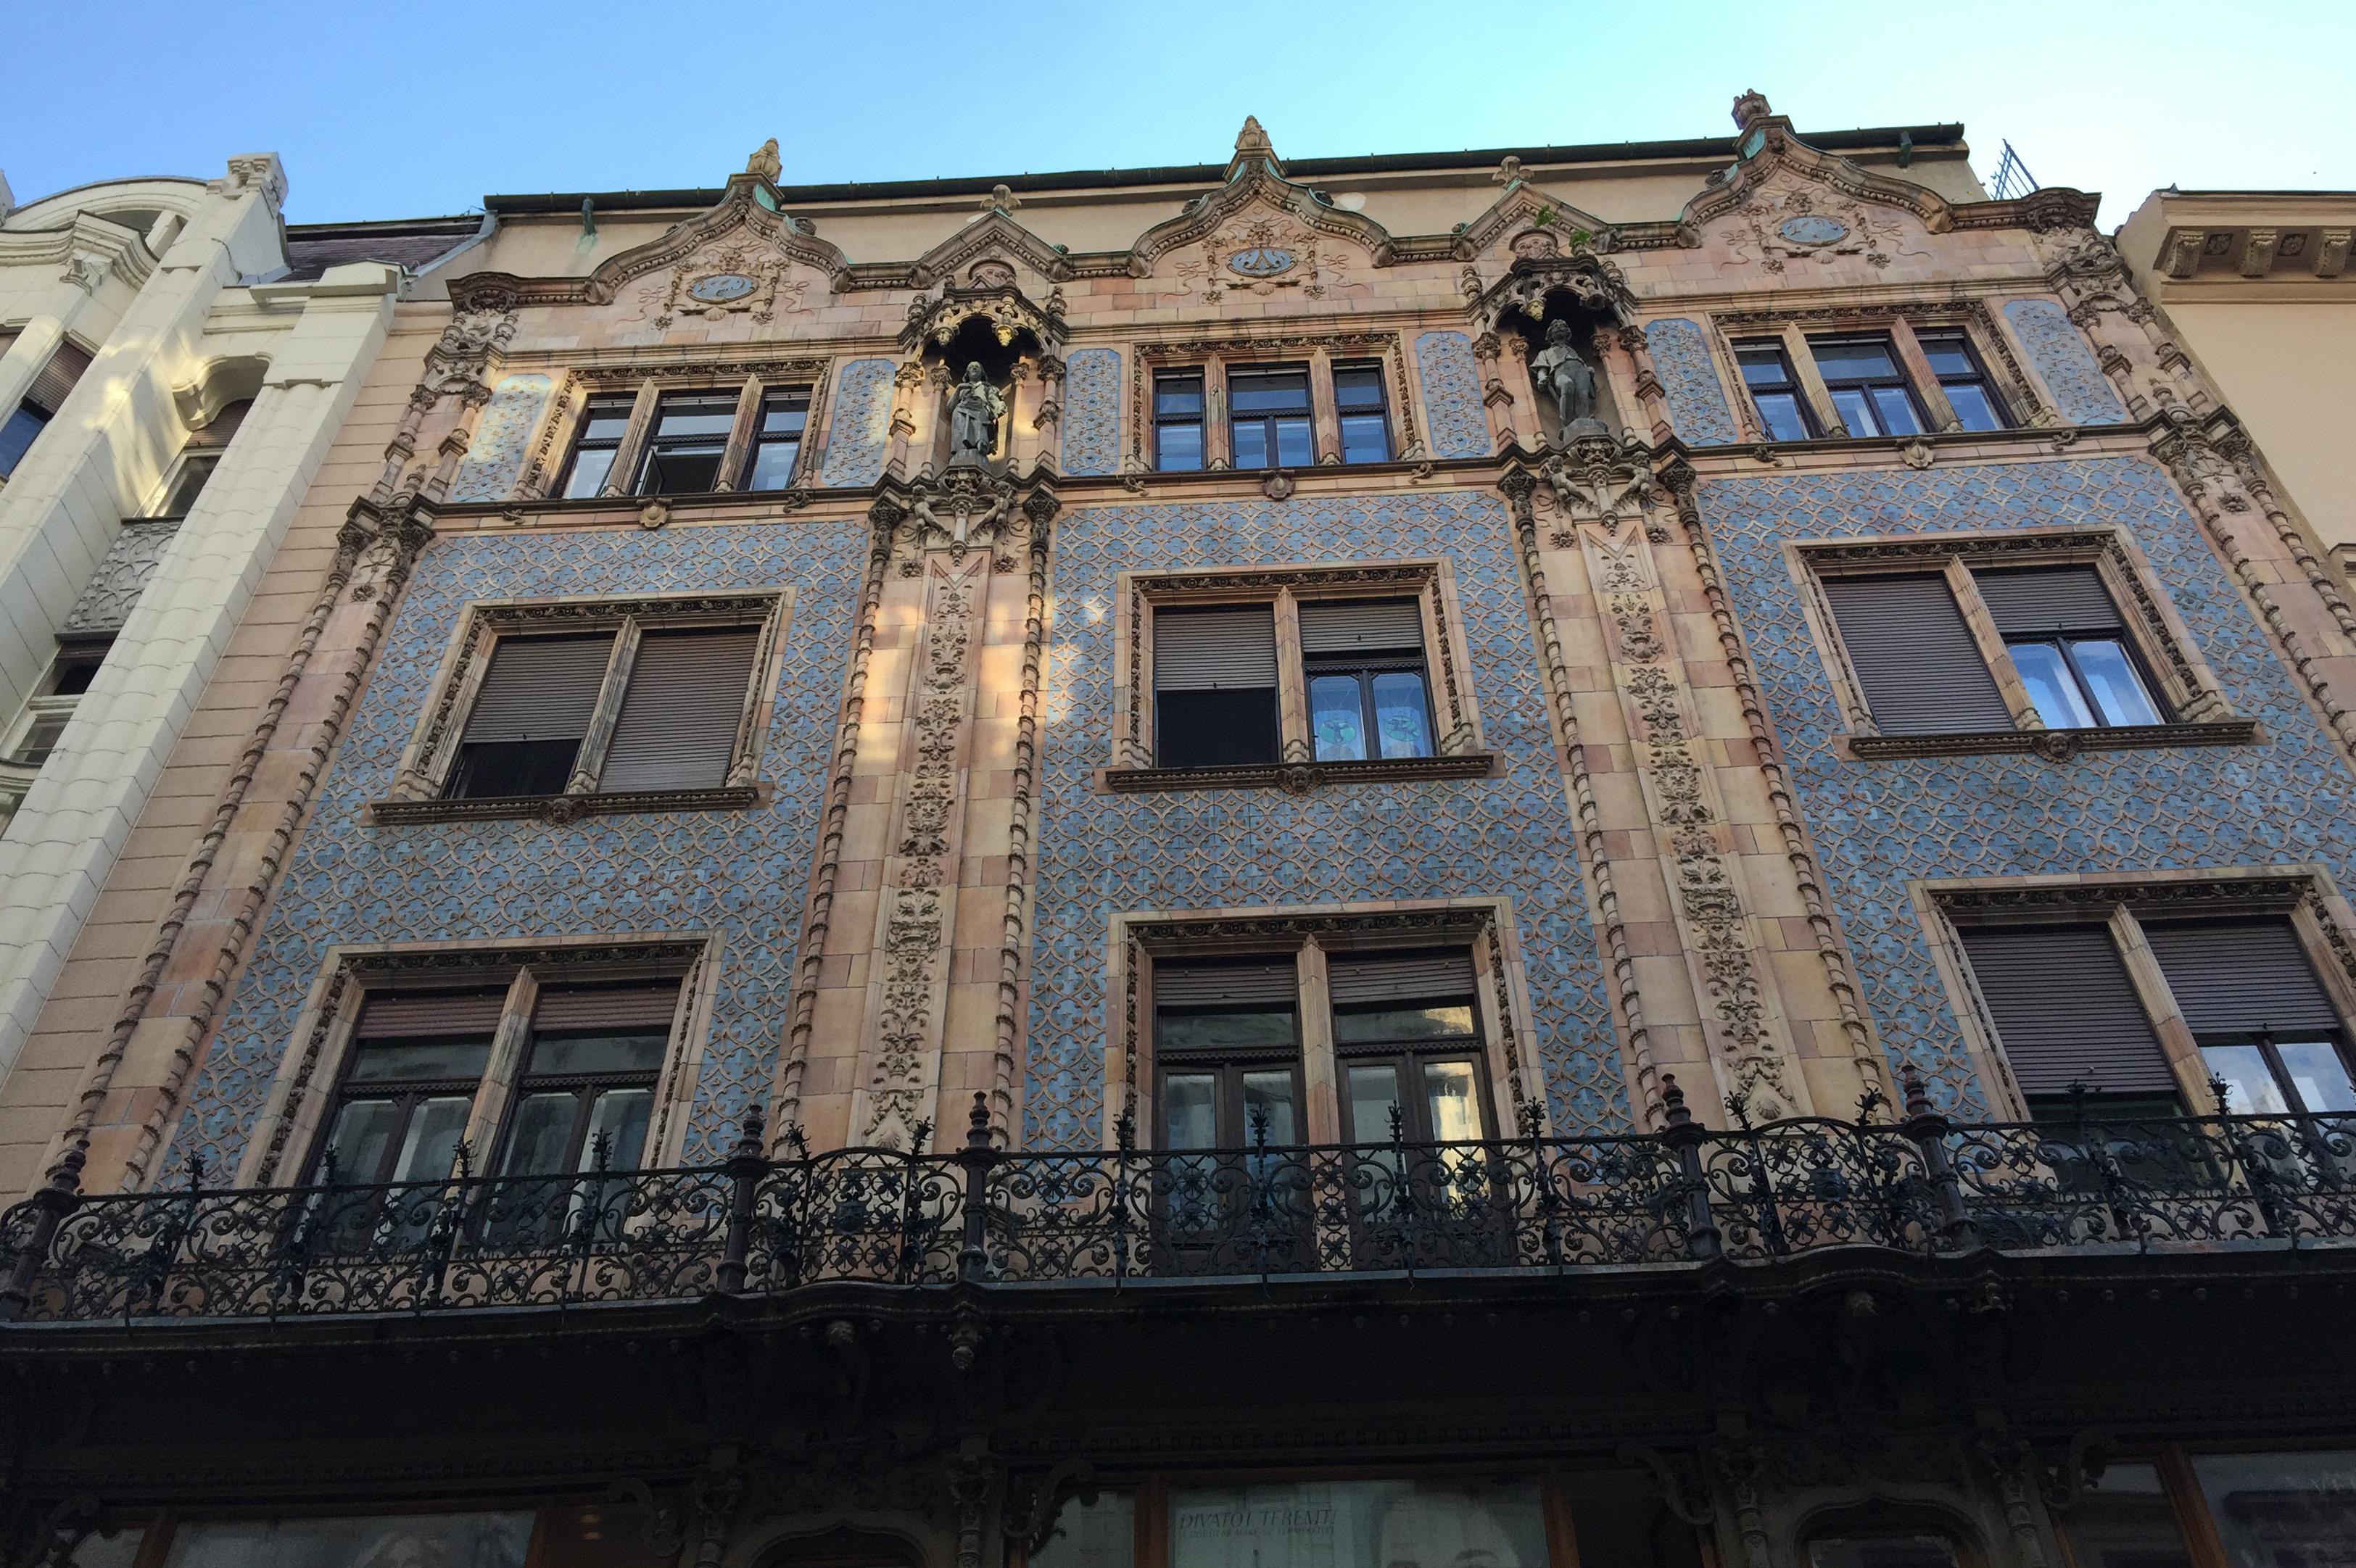 Art nouvau har hatt en stor innflytelse i Budapest, hvor det også er tillagt fantastiske keramikkarbeider, smijern og skulpturer.